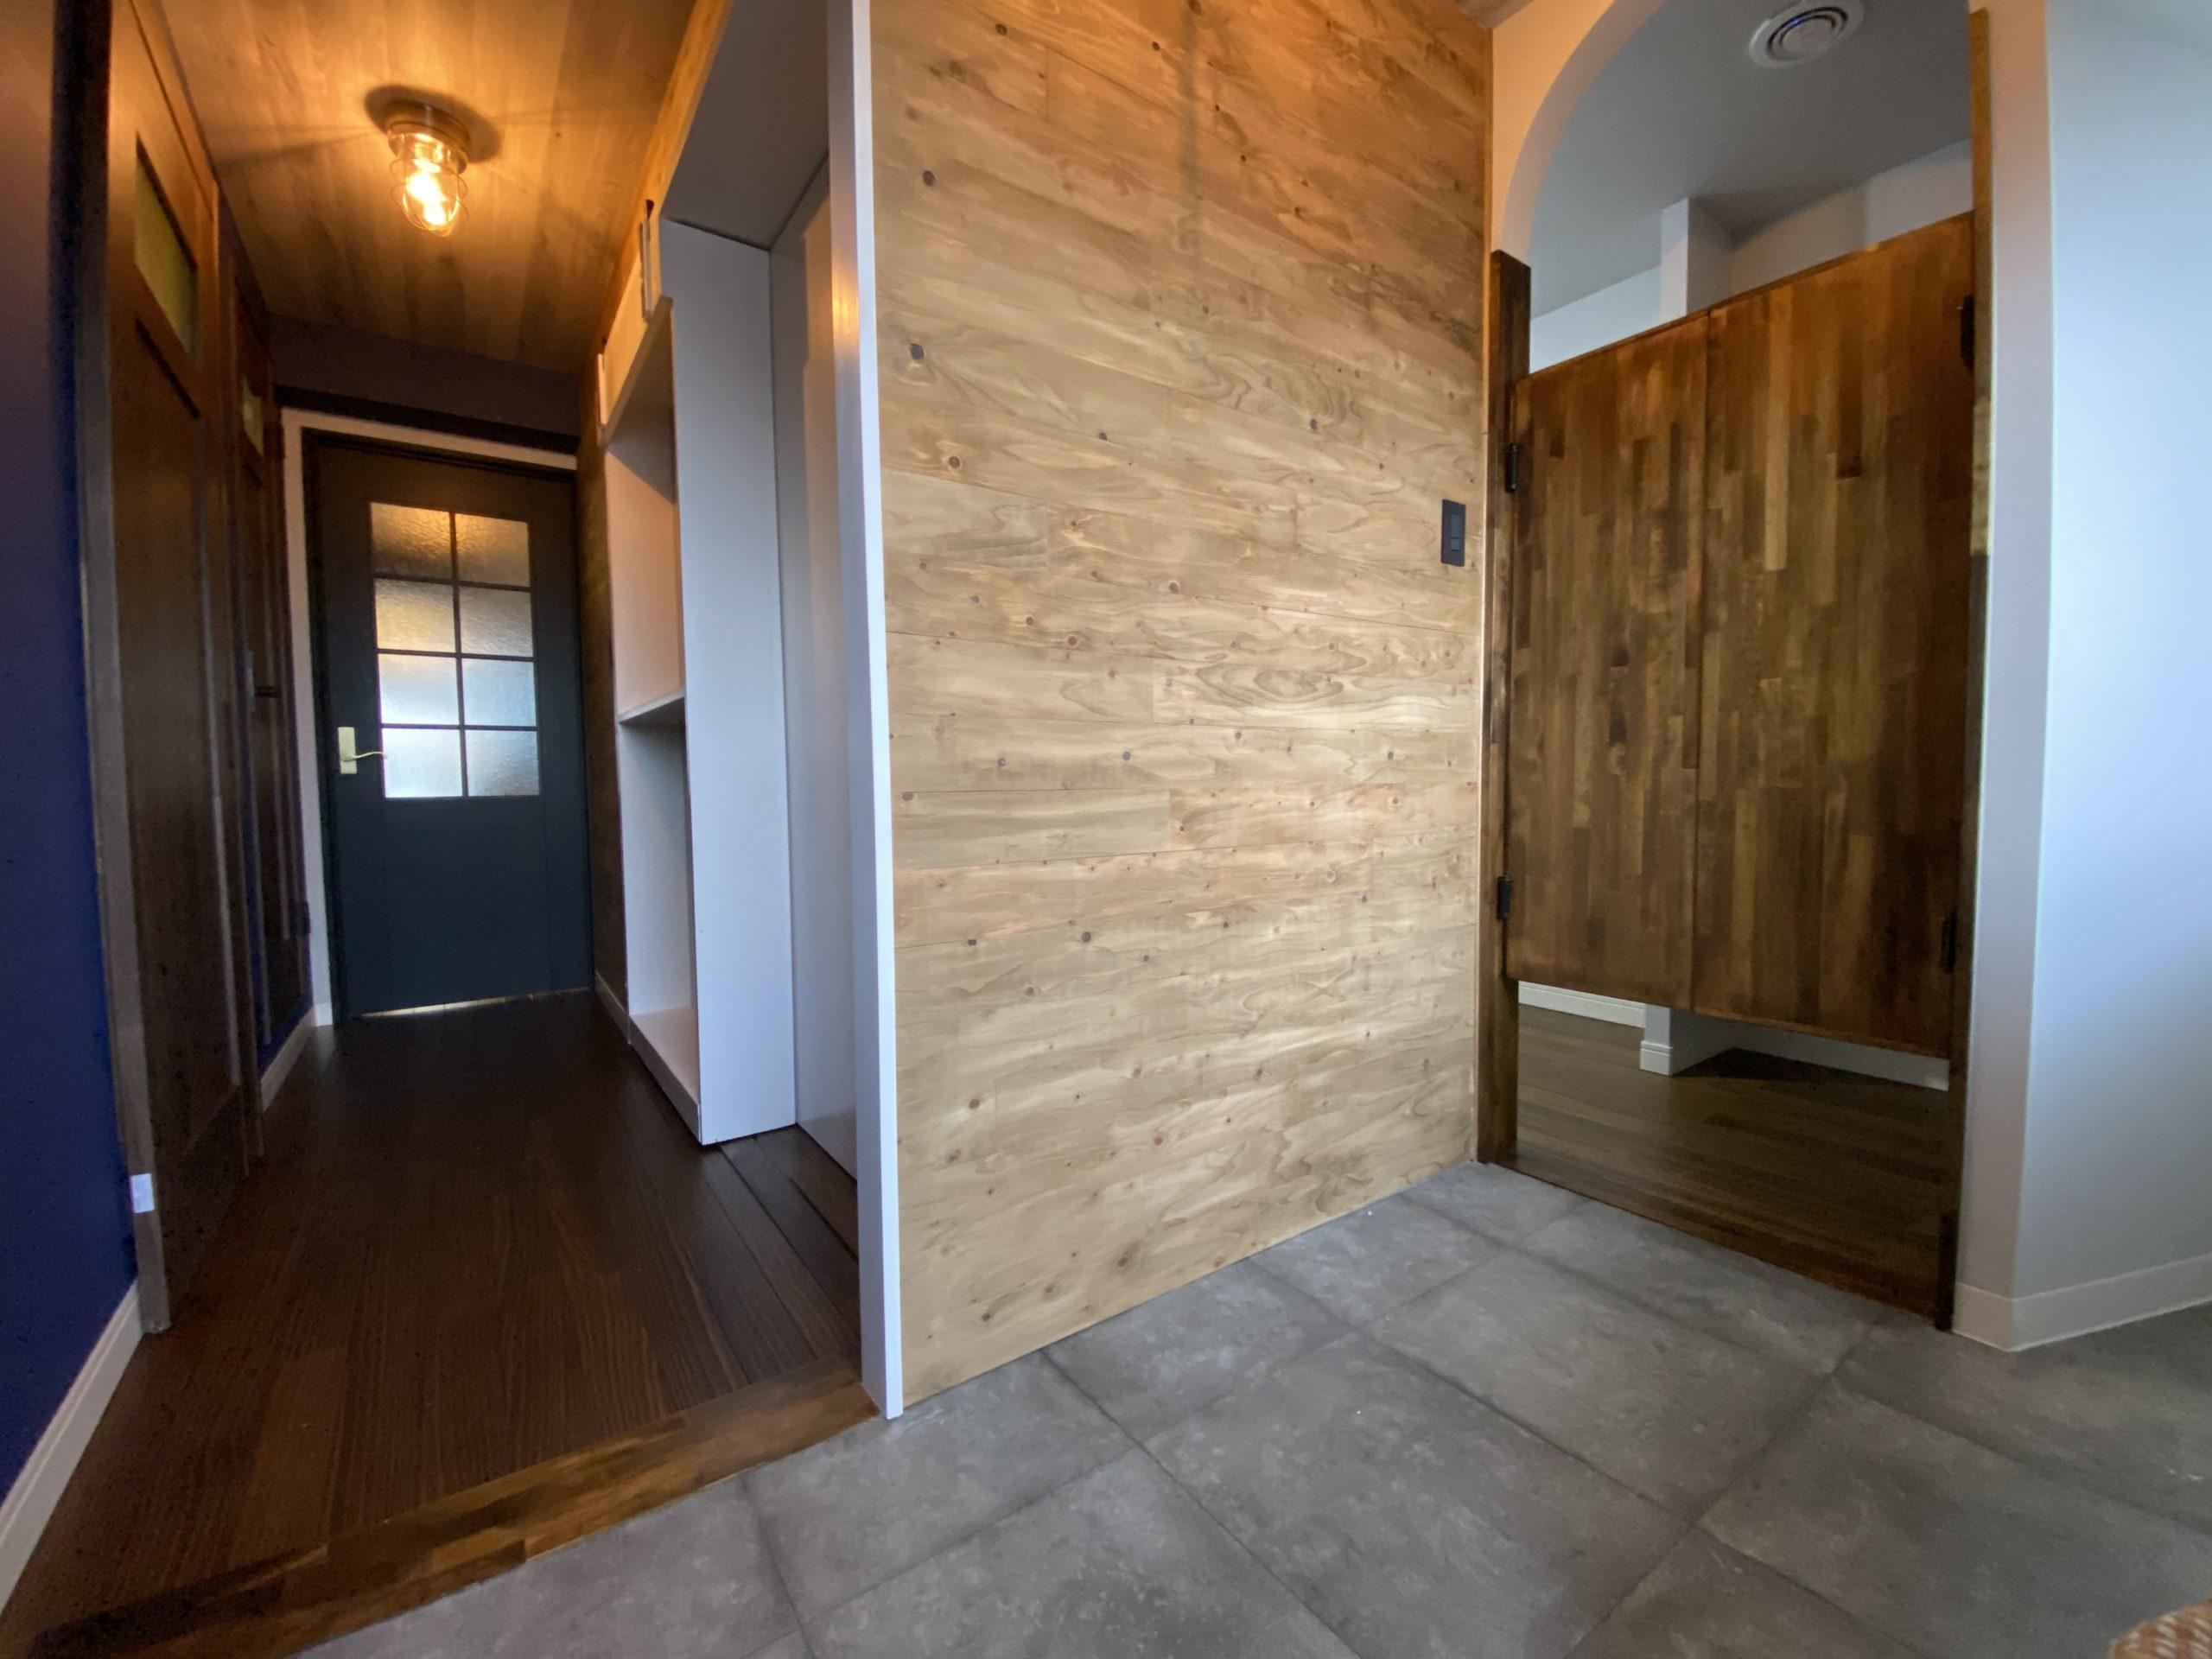 【明石市】海が見えるお部屋「ヴィンテージリゾート」明石アーバンライフ619号室。土間を新設し暗くなりがちな玄関も広く明るく開放的に。スイングドアからウォークインクローゼットへ入れる実用的かつ便利仕様。